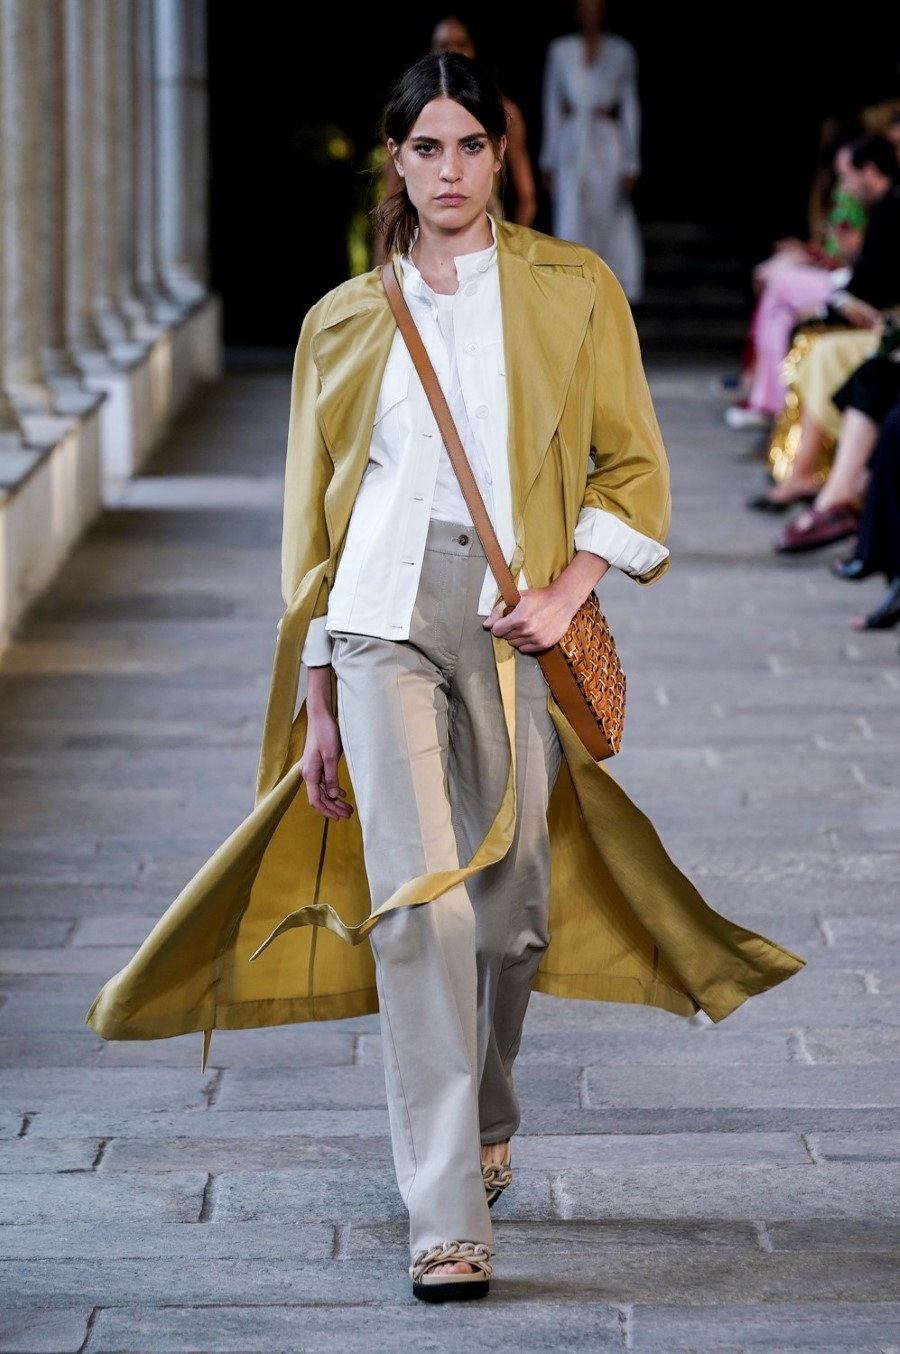 Alberta Ferretti Spring Summer 2022 - Milan Fashion Week